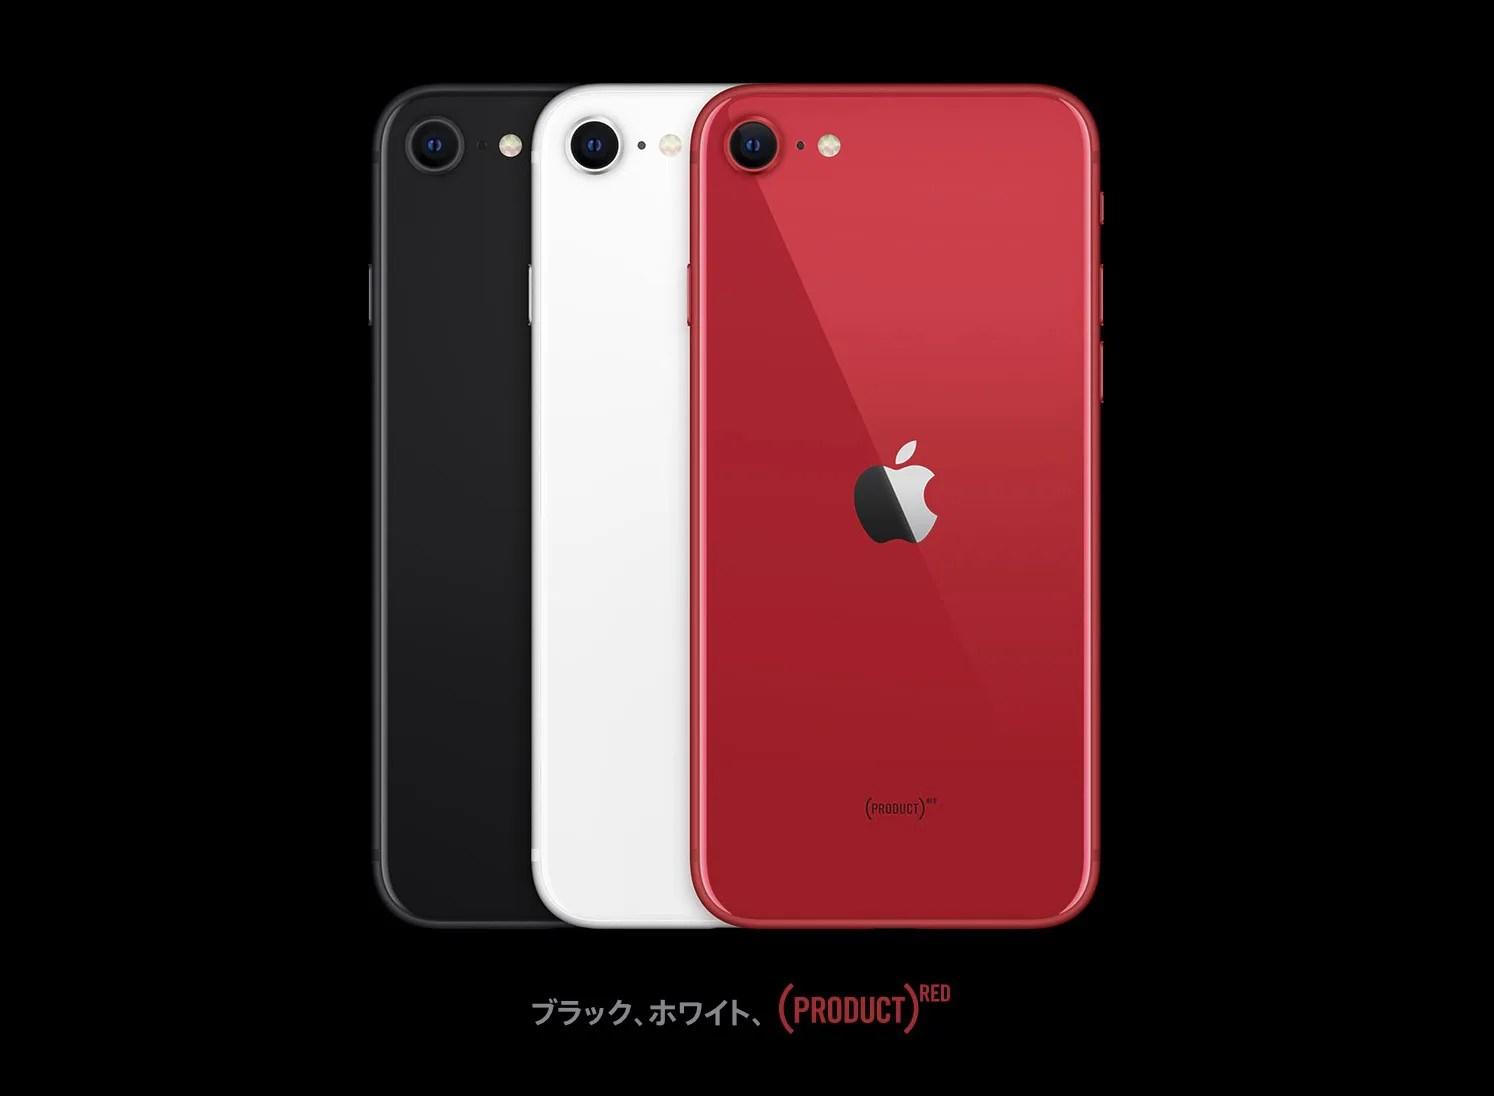 新型「iPhone SE(第2世代)」が発表!価格は4万4,800円(税抜き)から、4月17日午後9時に予約開始。